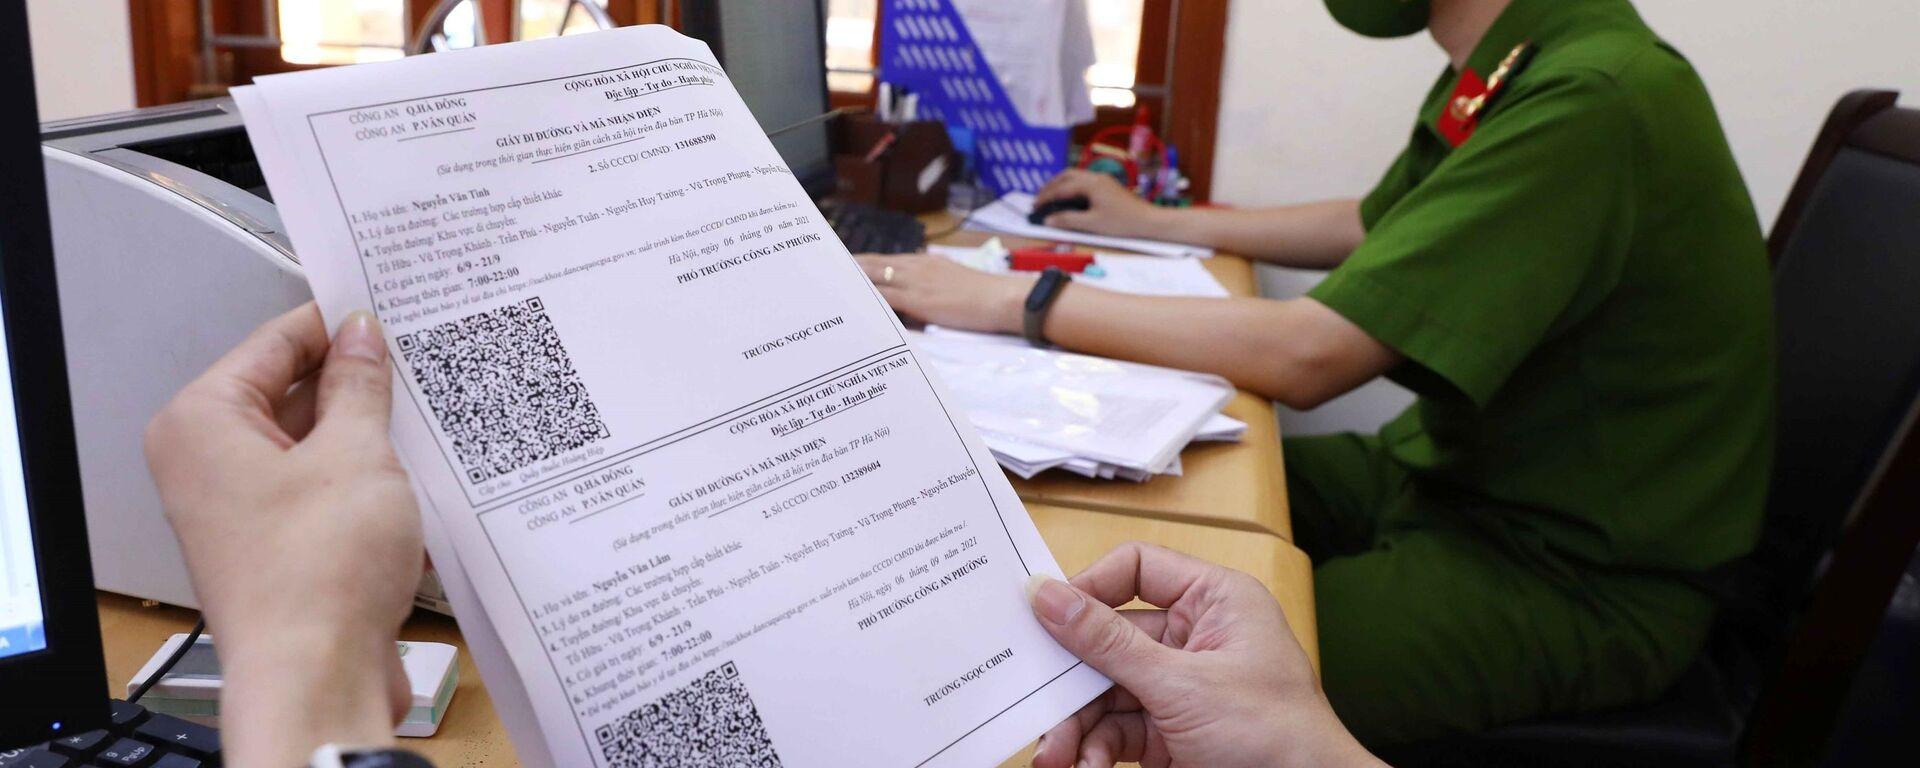 Công an Hà Nội khẩn trương cấp giấy đi đường theo mẫu mới cho người dân - Sputnik Việt Nam, 1920, 08.09.2021